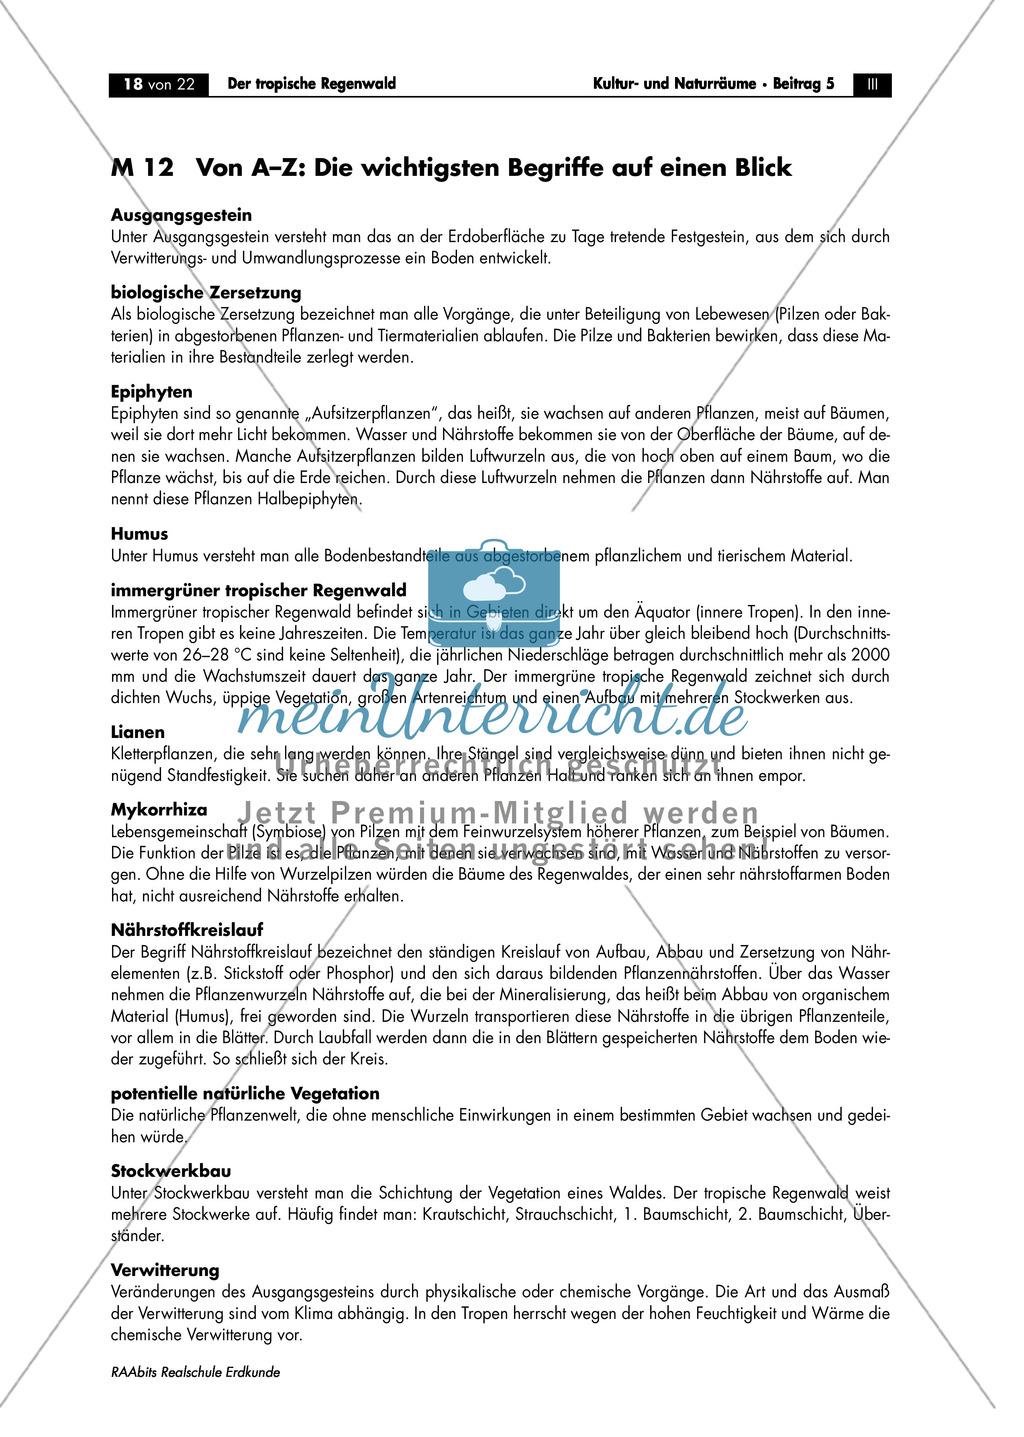 Der tropische Regenwald: Terminologie Preview 0